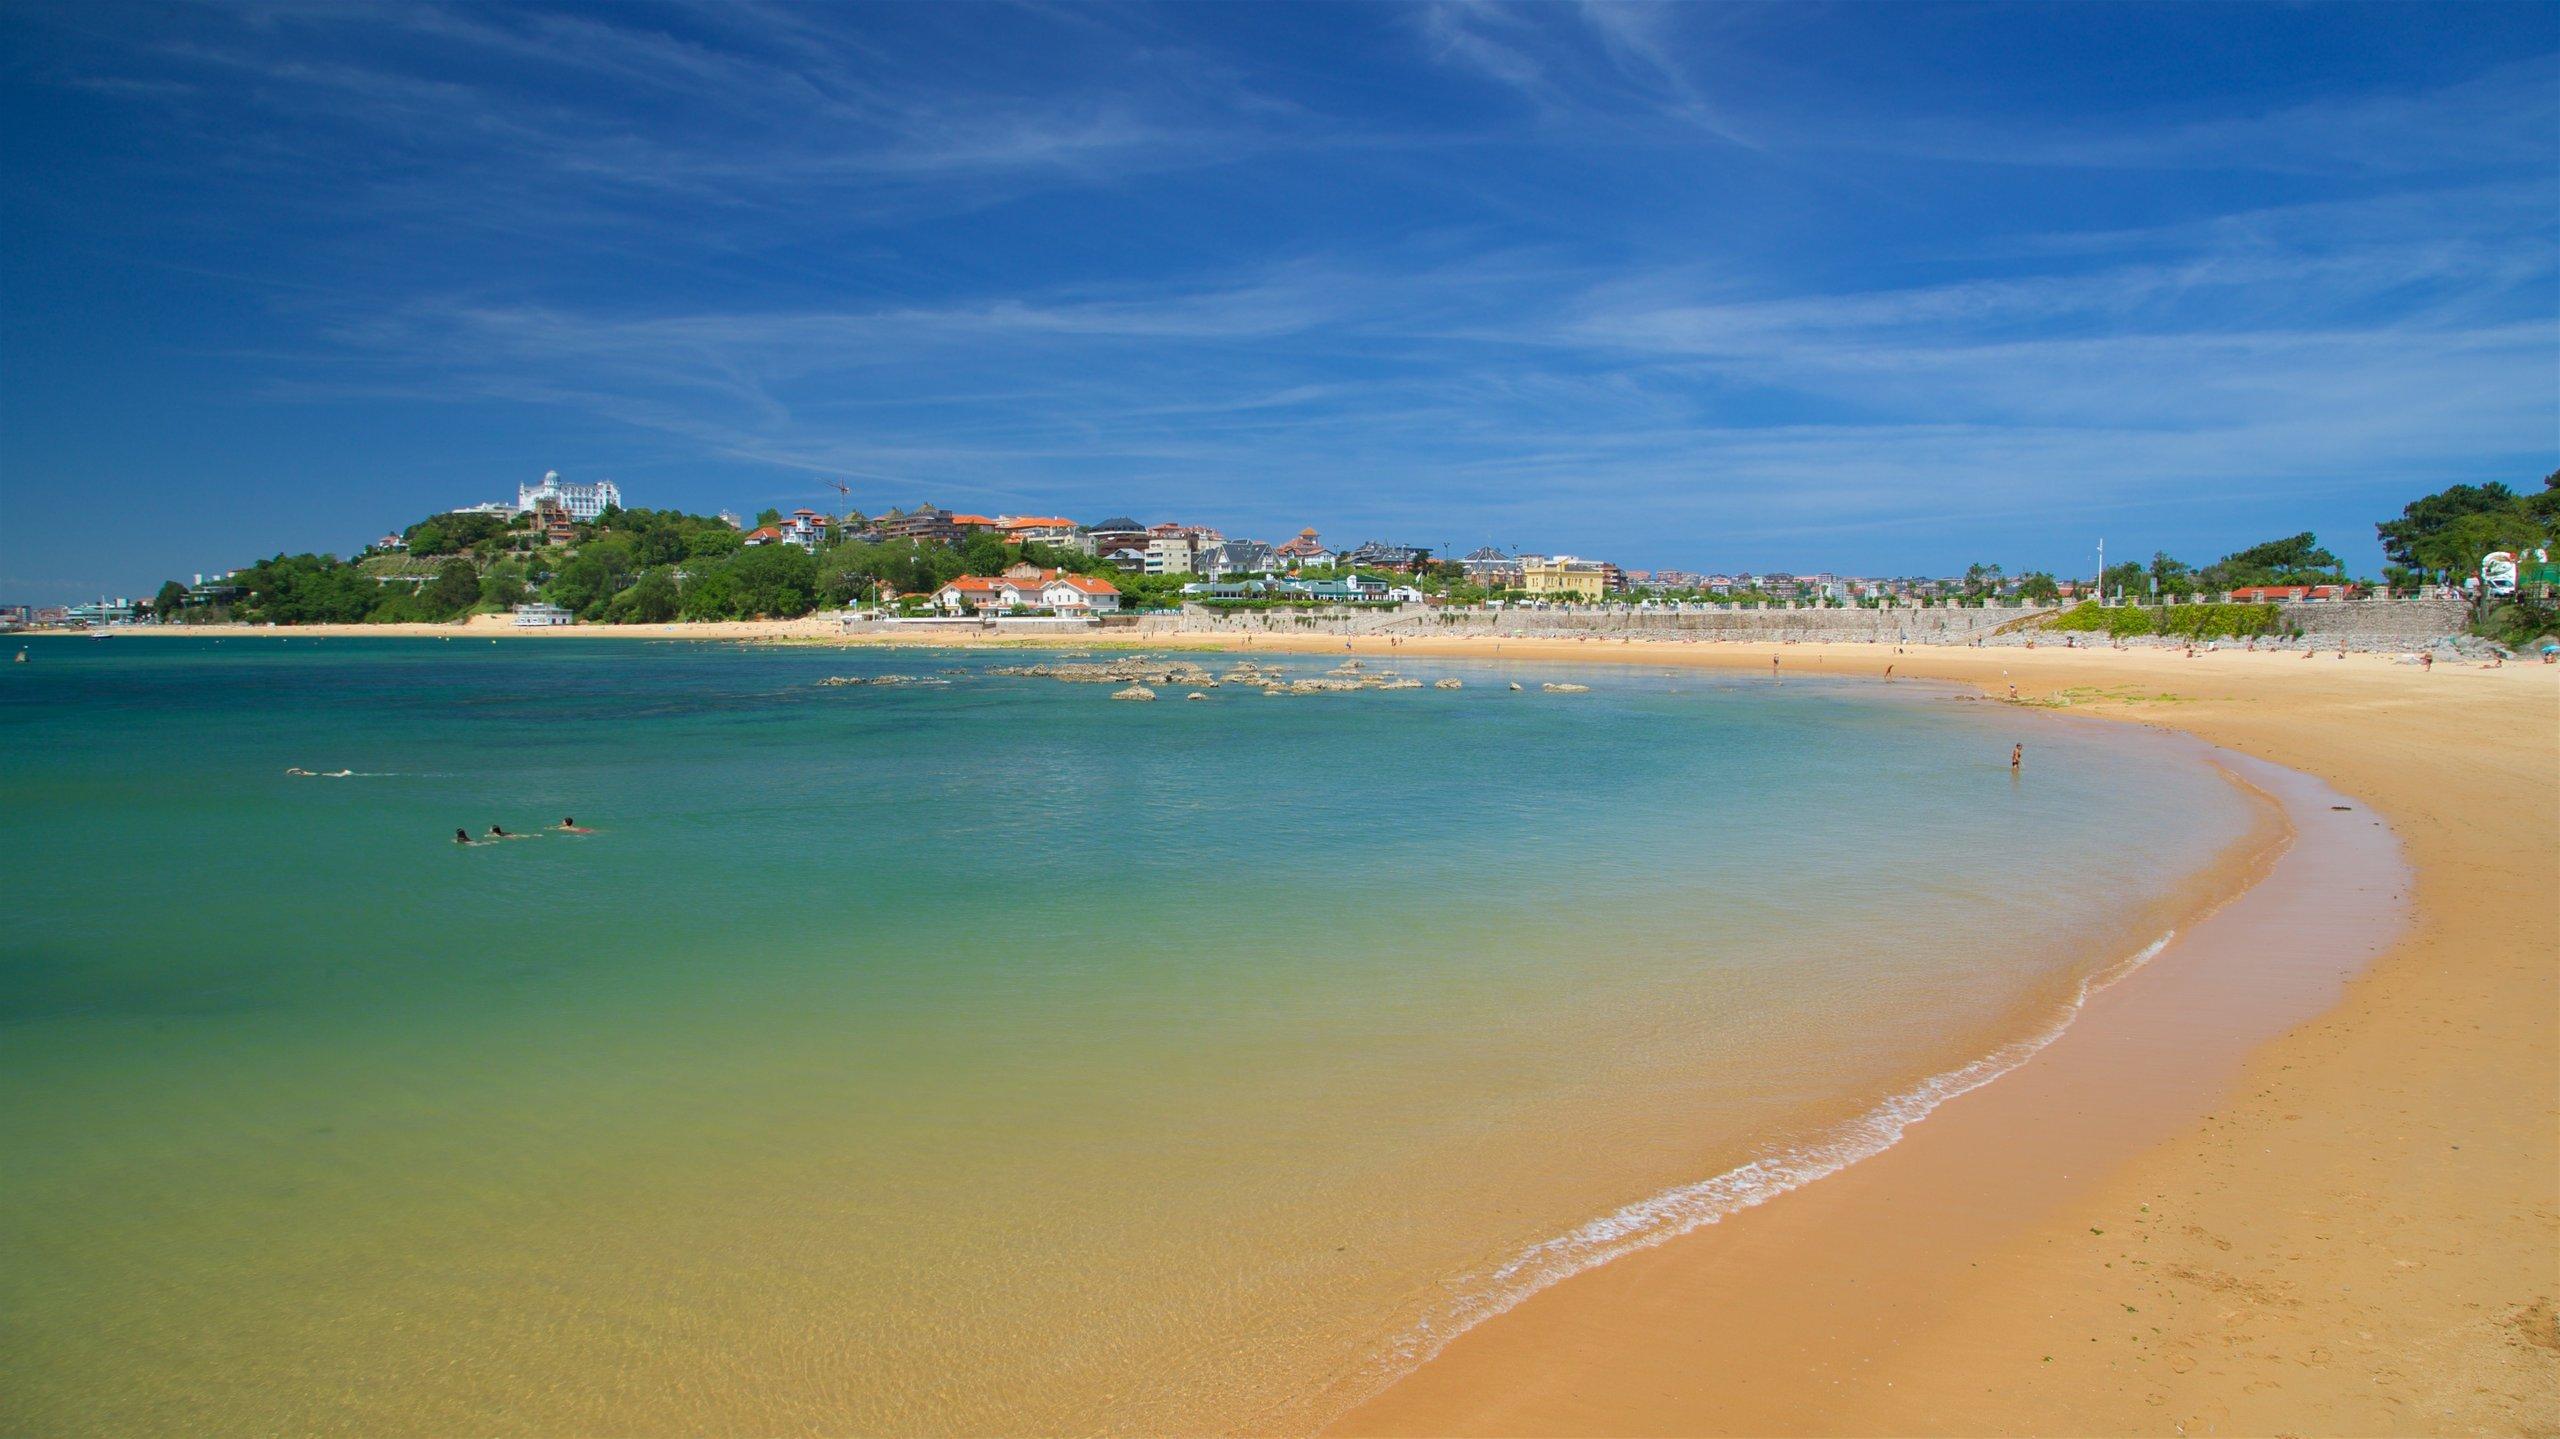 Bikini Beach, Santander, Cantabria, Spain